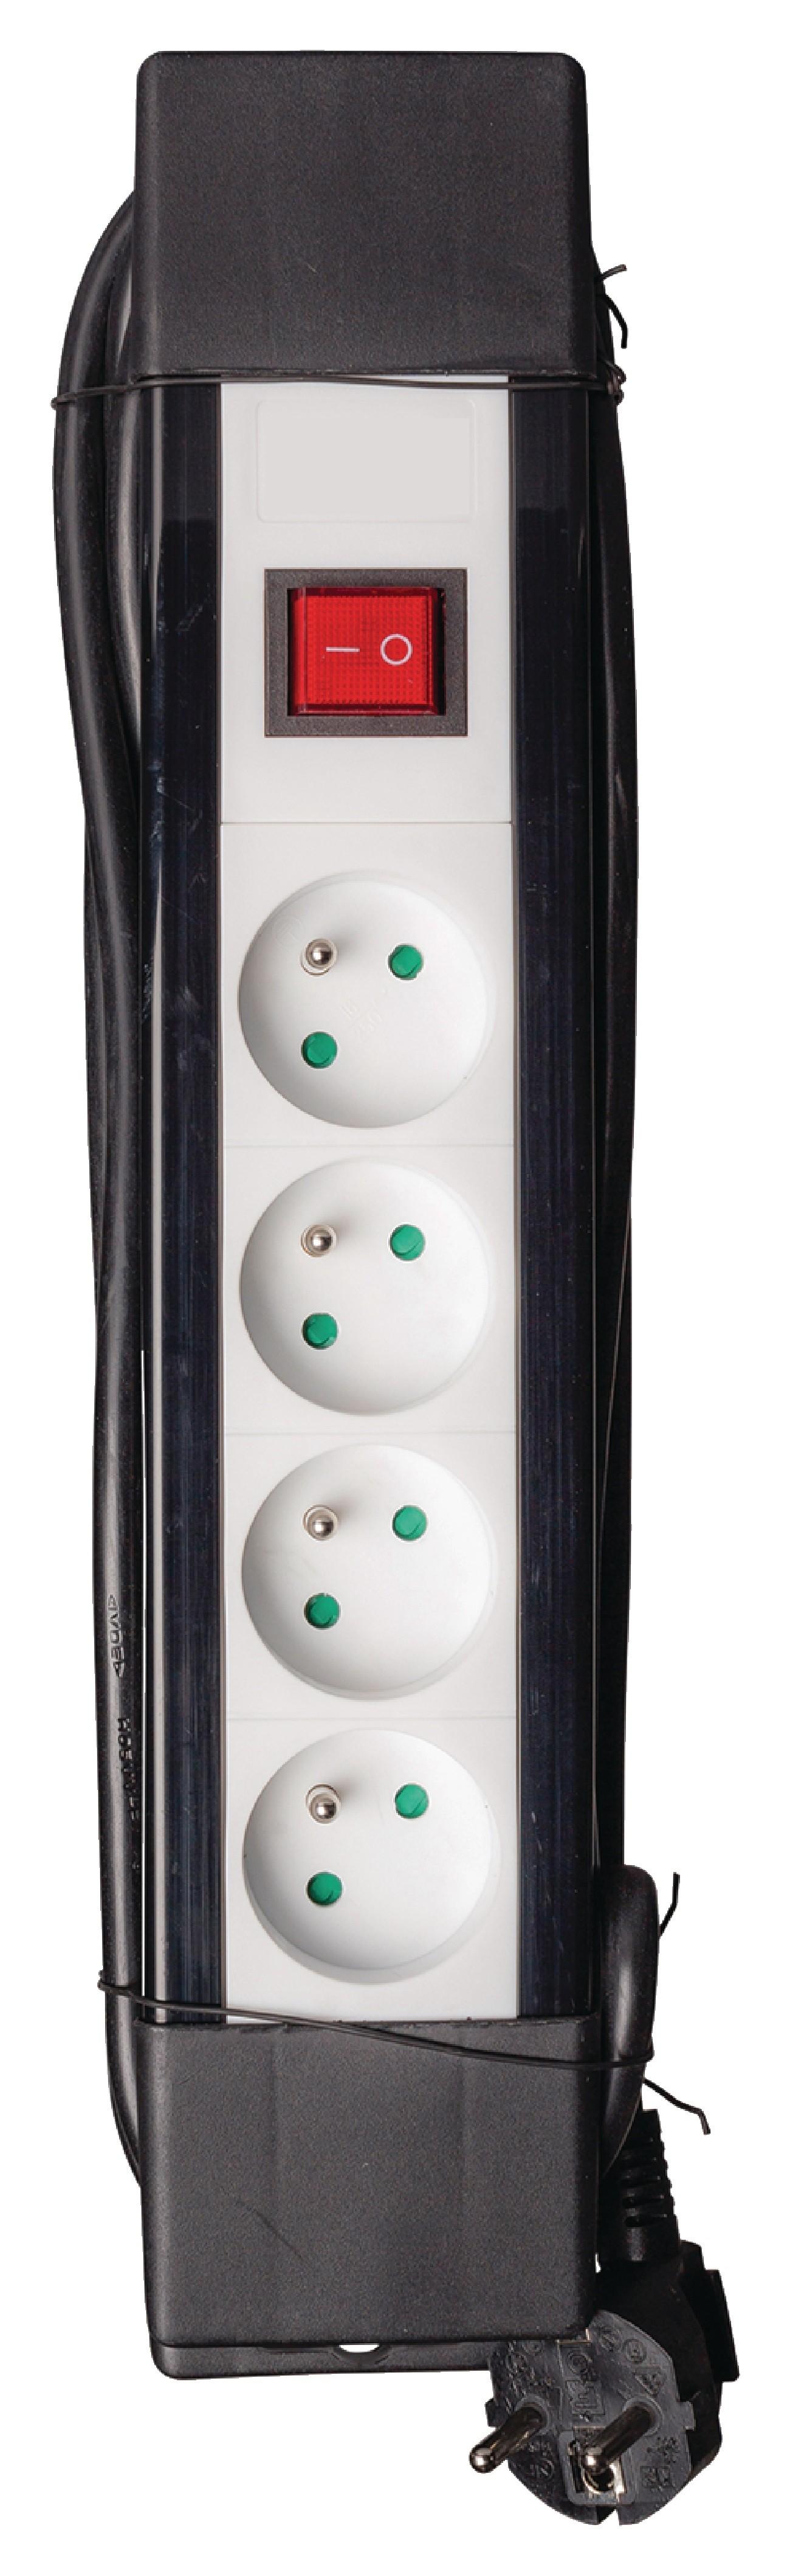 4-voudige stekkerdoos met schakelaar zwart/wit met 3 meter kabel